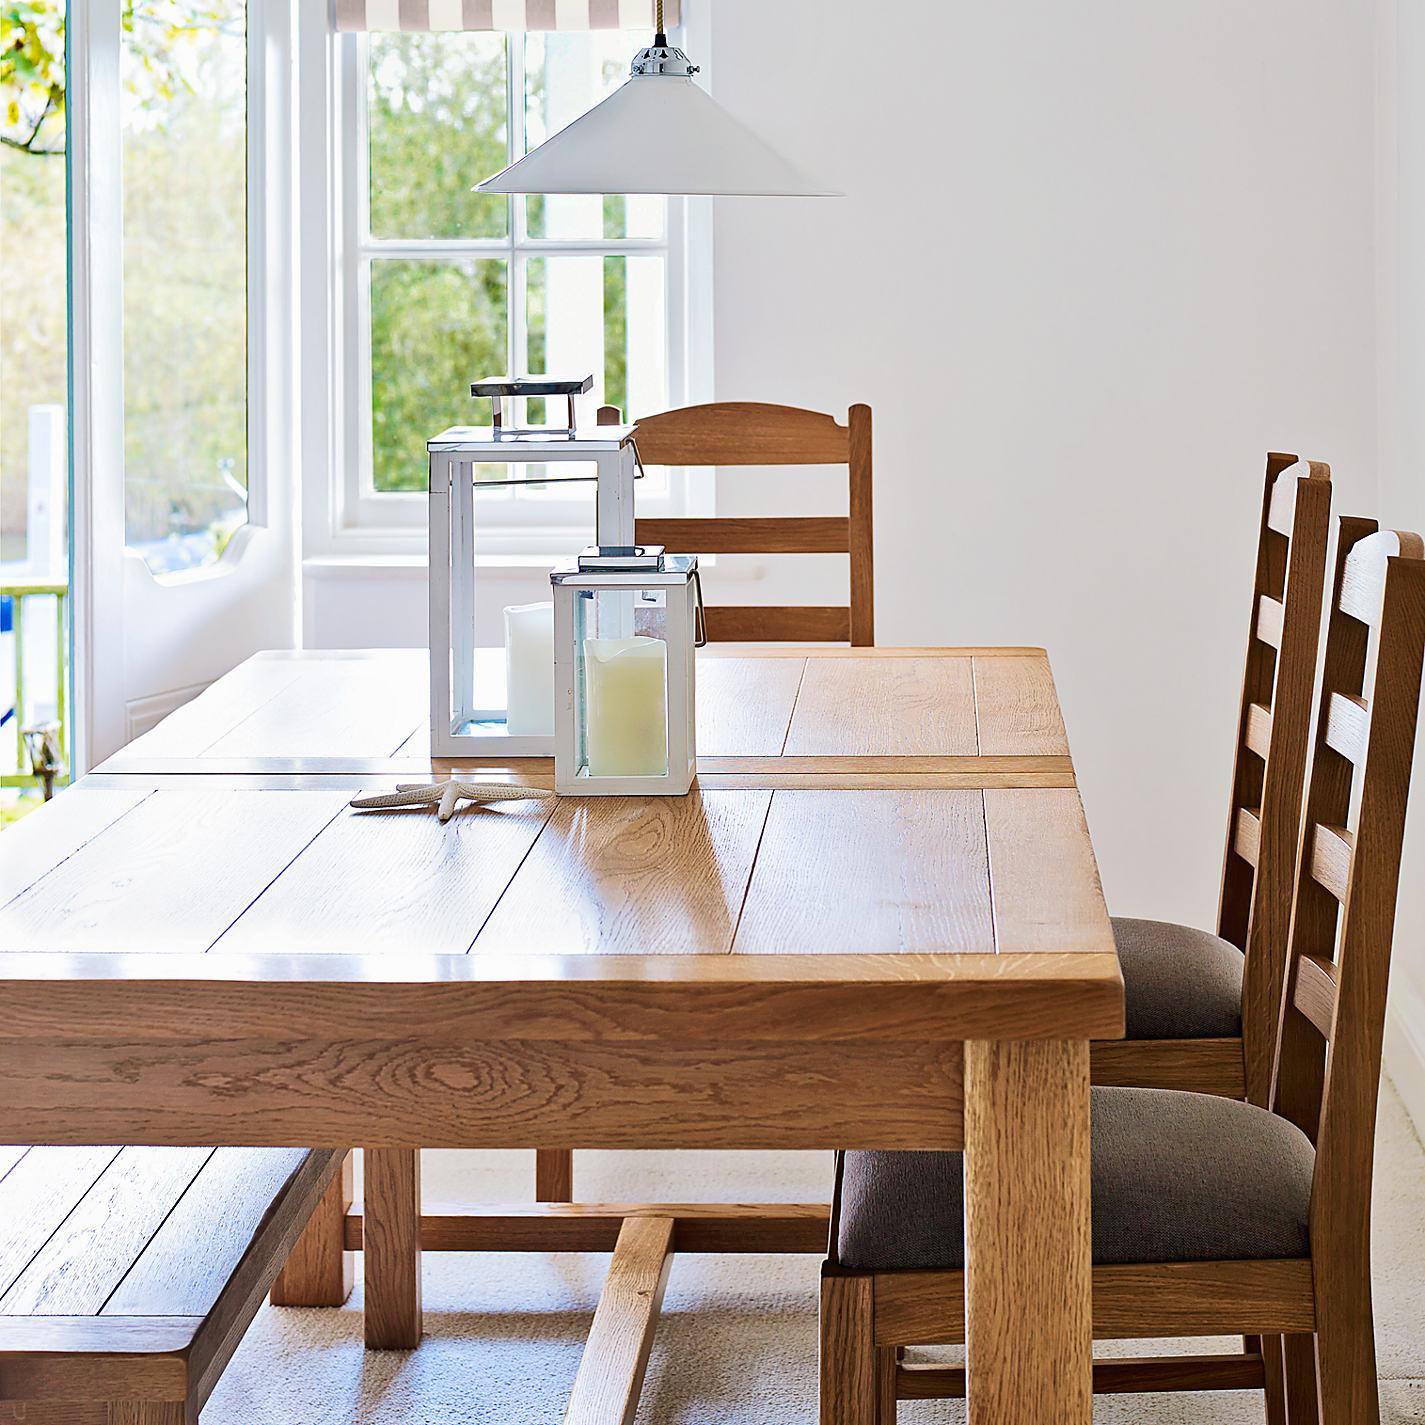 The Range Dining Room Furniture Buy John Lewis Pendleton Living Amp Dining Room Furniture Range